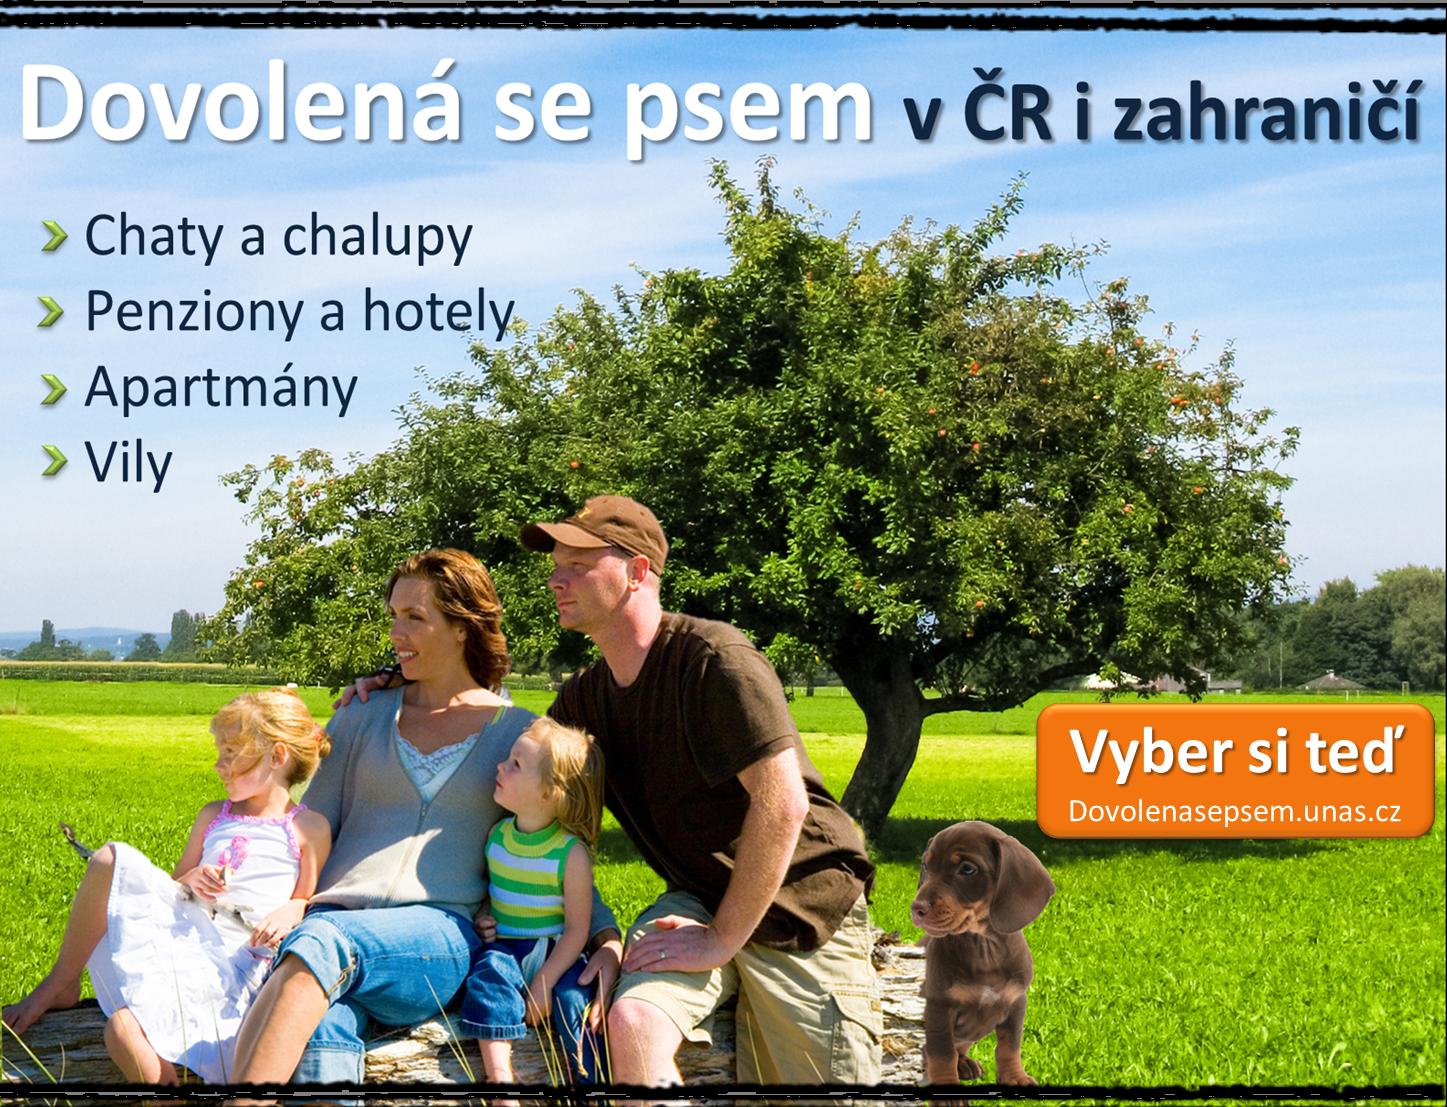 Dovolená se psem v ČR, SR, Itálii, Chorvatsku... Last minute slevy na ubytování. Levné chaty a chalupy